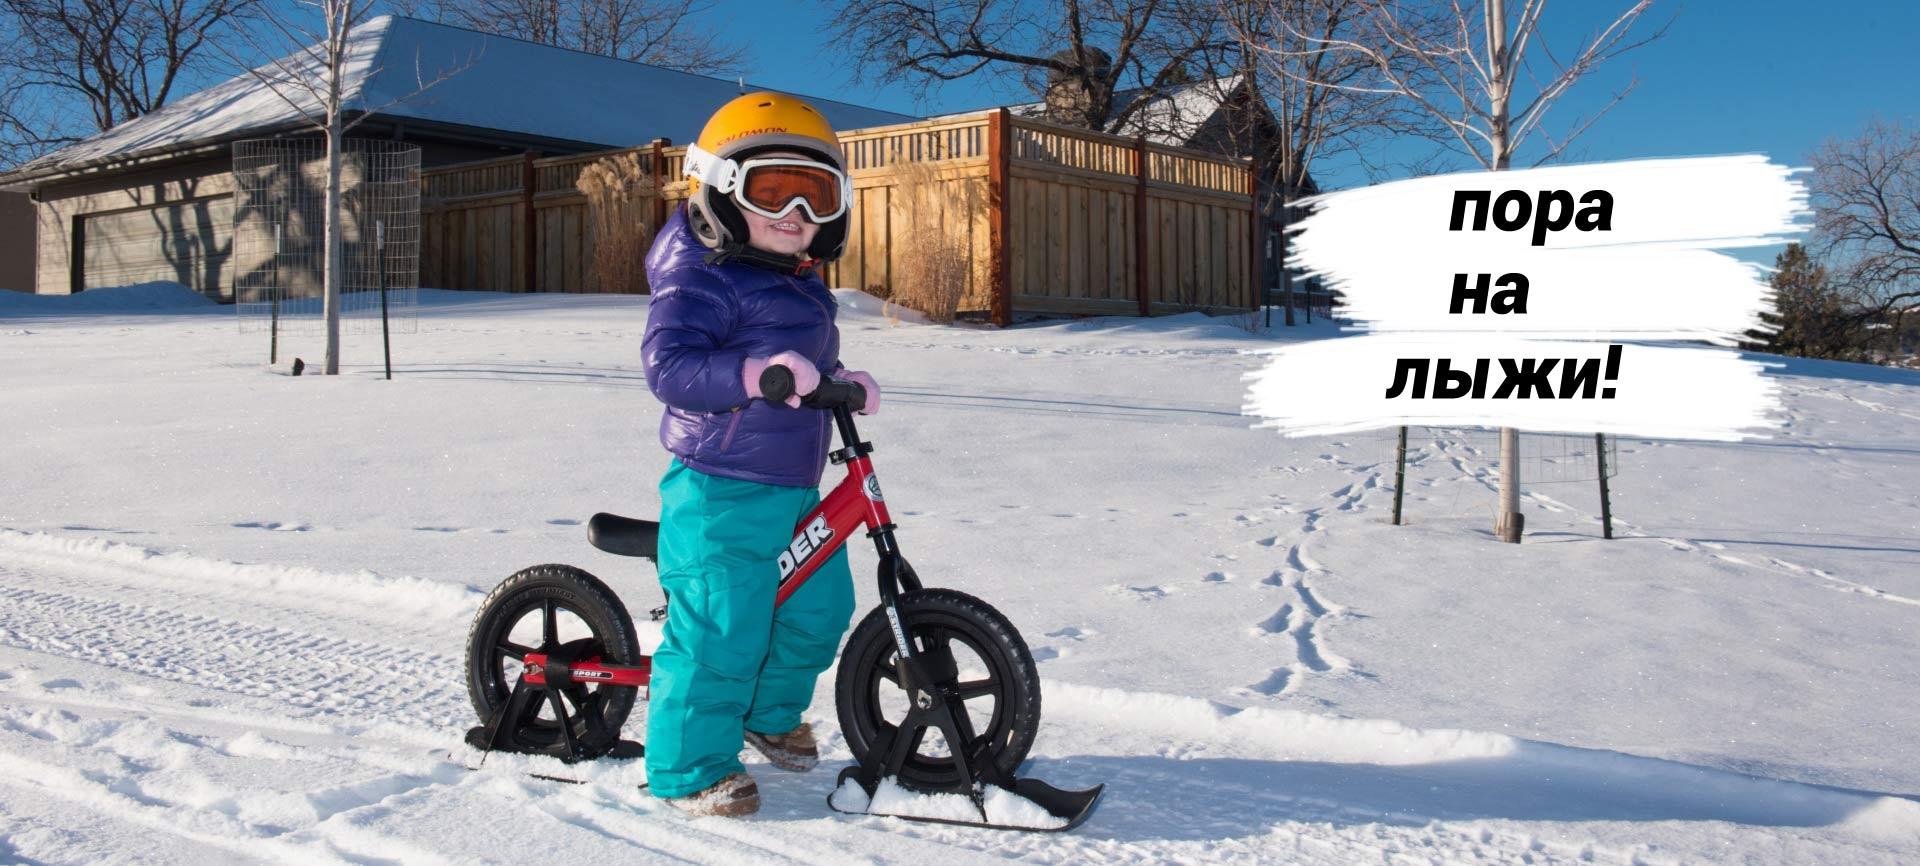 Пора на лыжи!